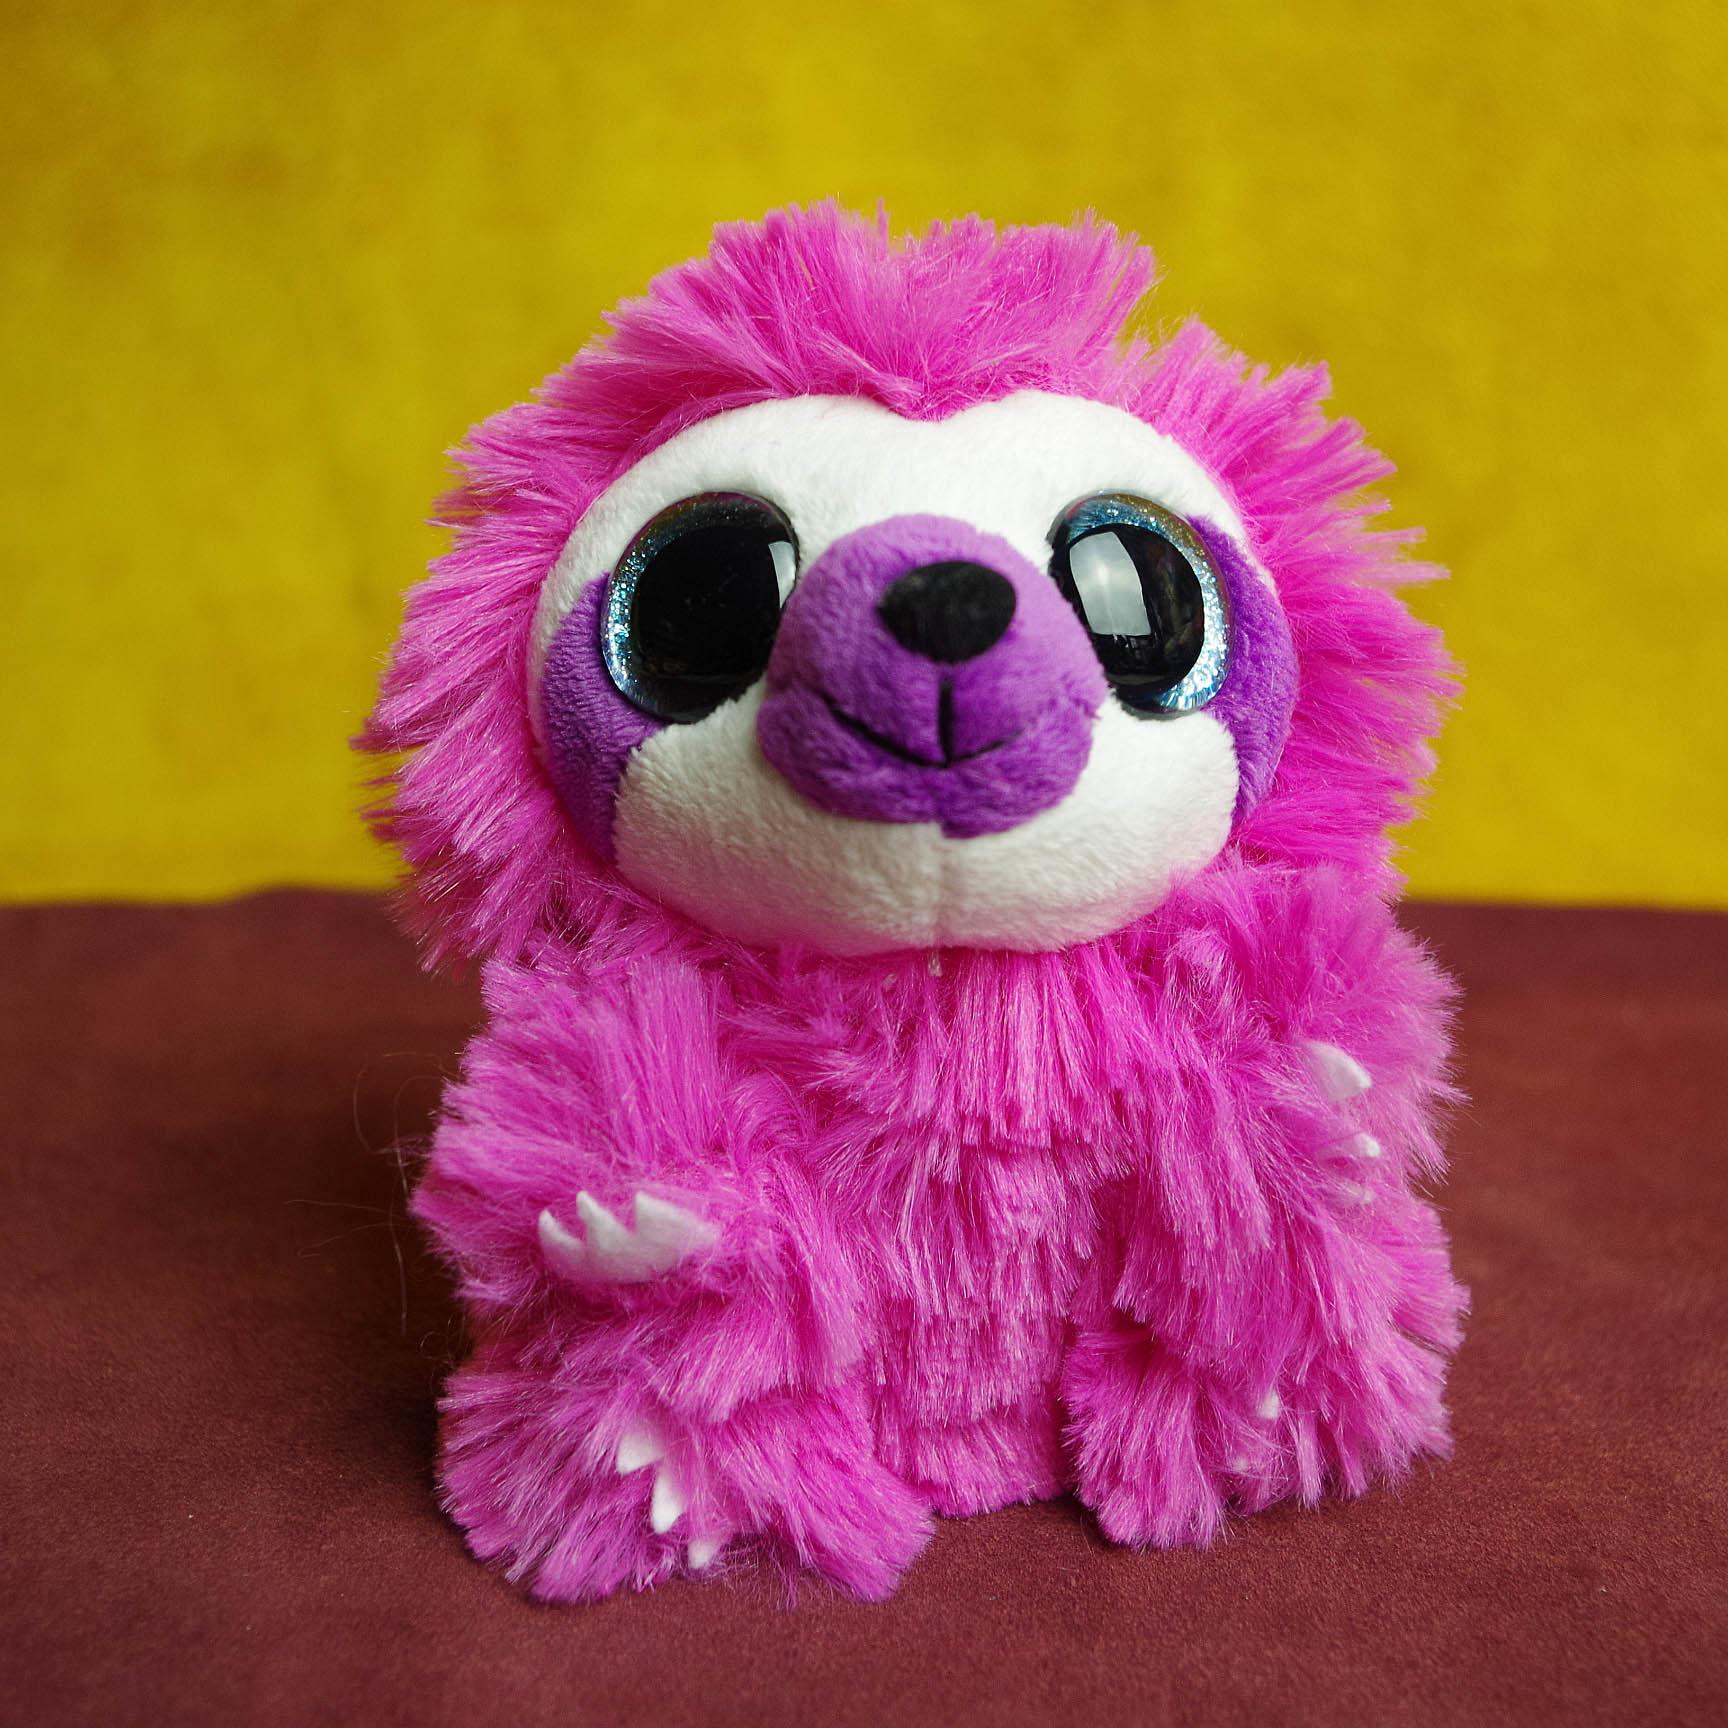 Ty Wild Republic Big Eyes Pink Hedgehog Small Animal Plush Toy Doll